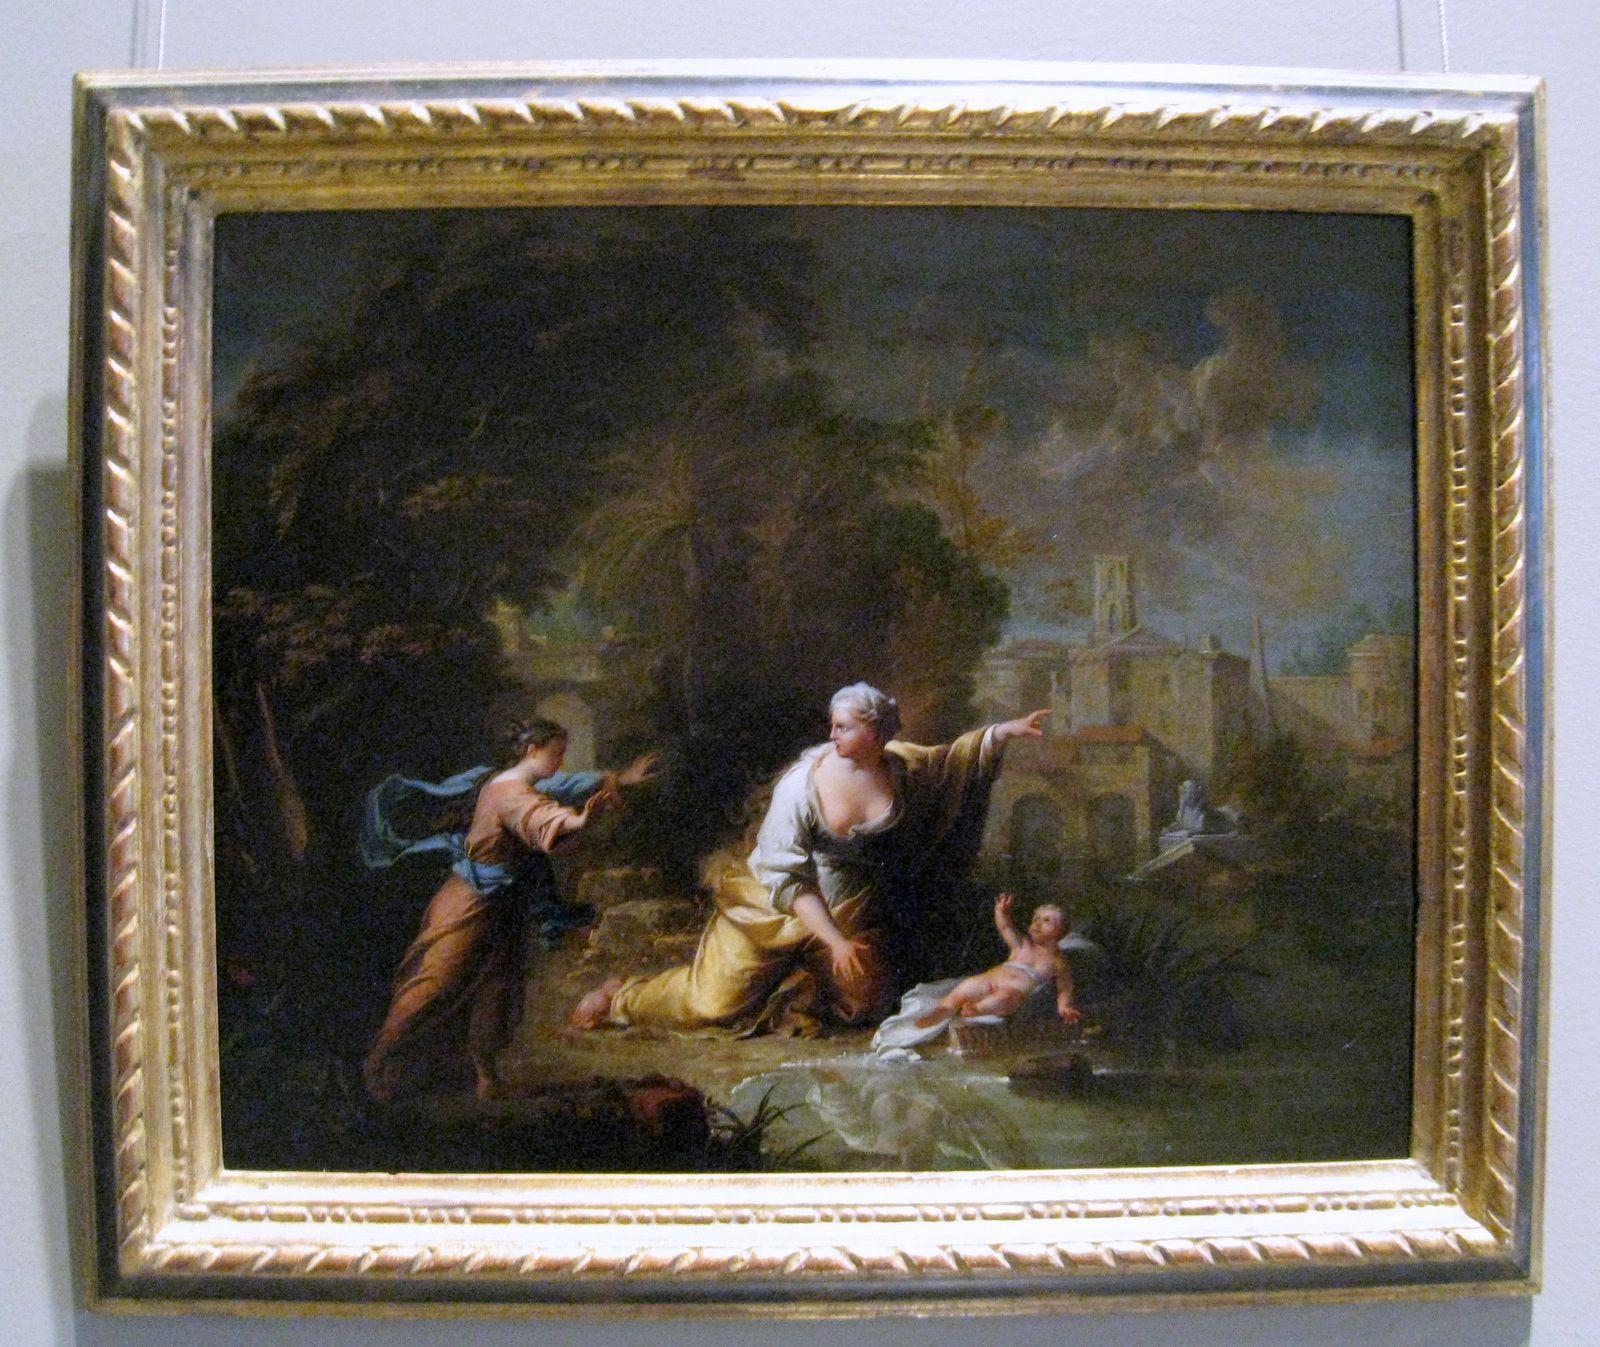 Robert le Vrac dit Tournières, Moïse sauvé des eaux